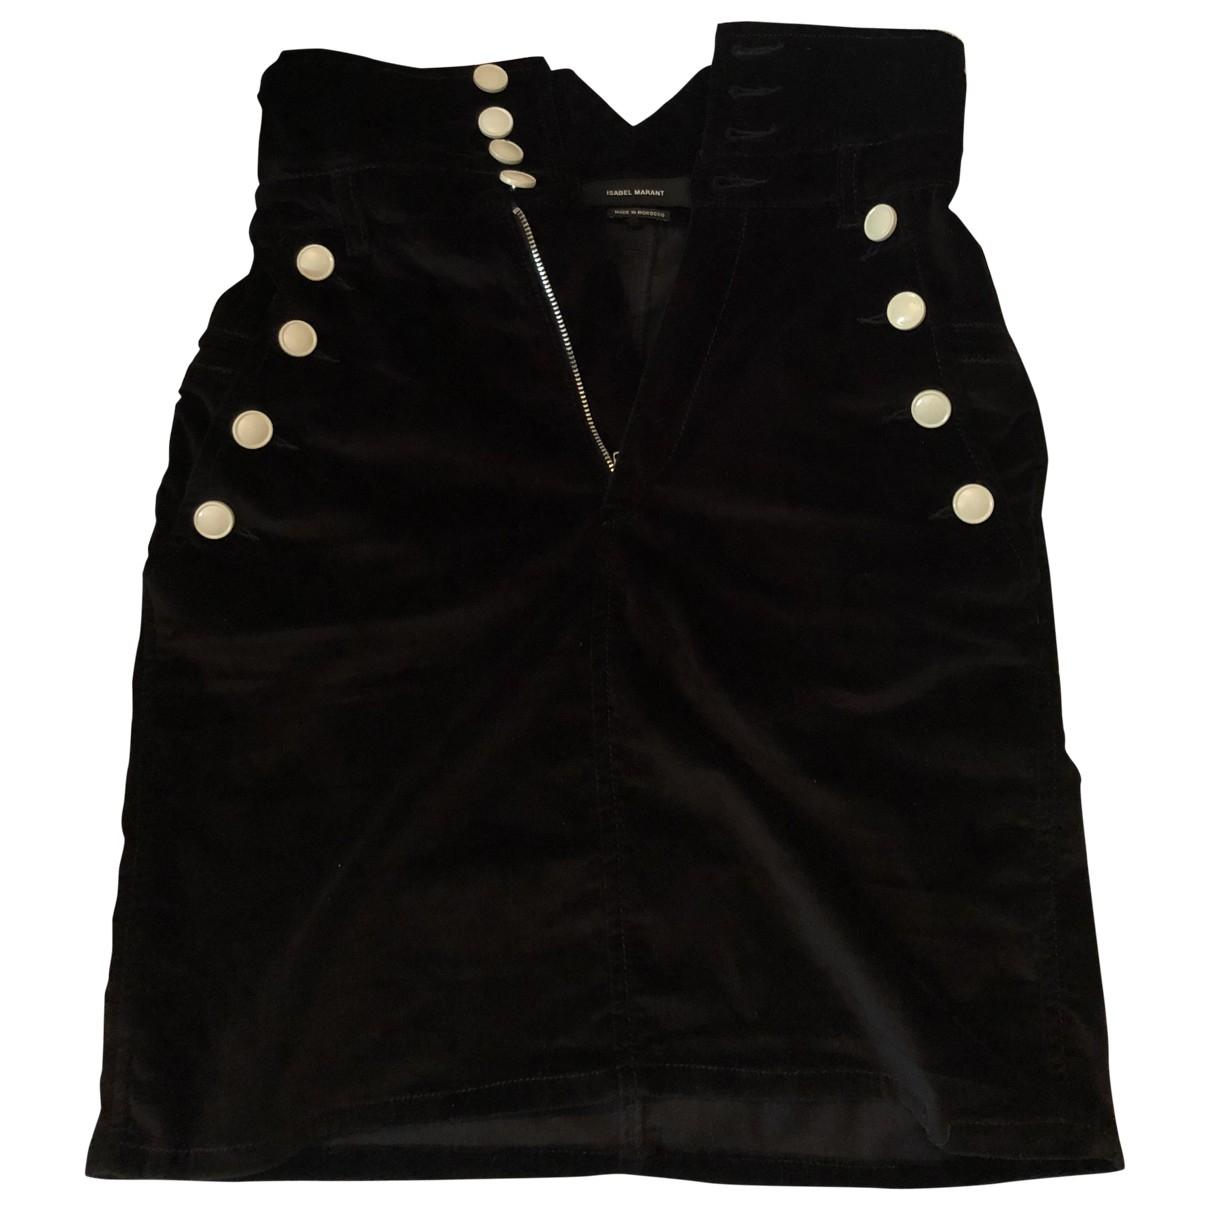 Isabel Marant \N Black Cotton skirt for Women 36 FR